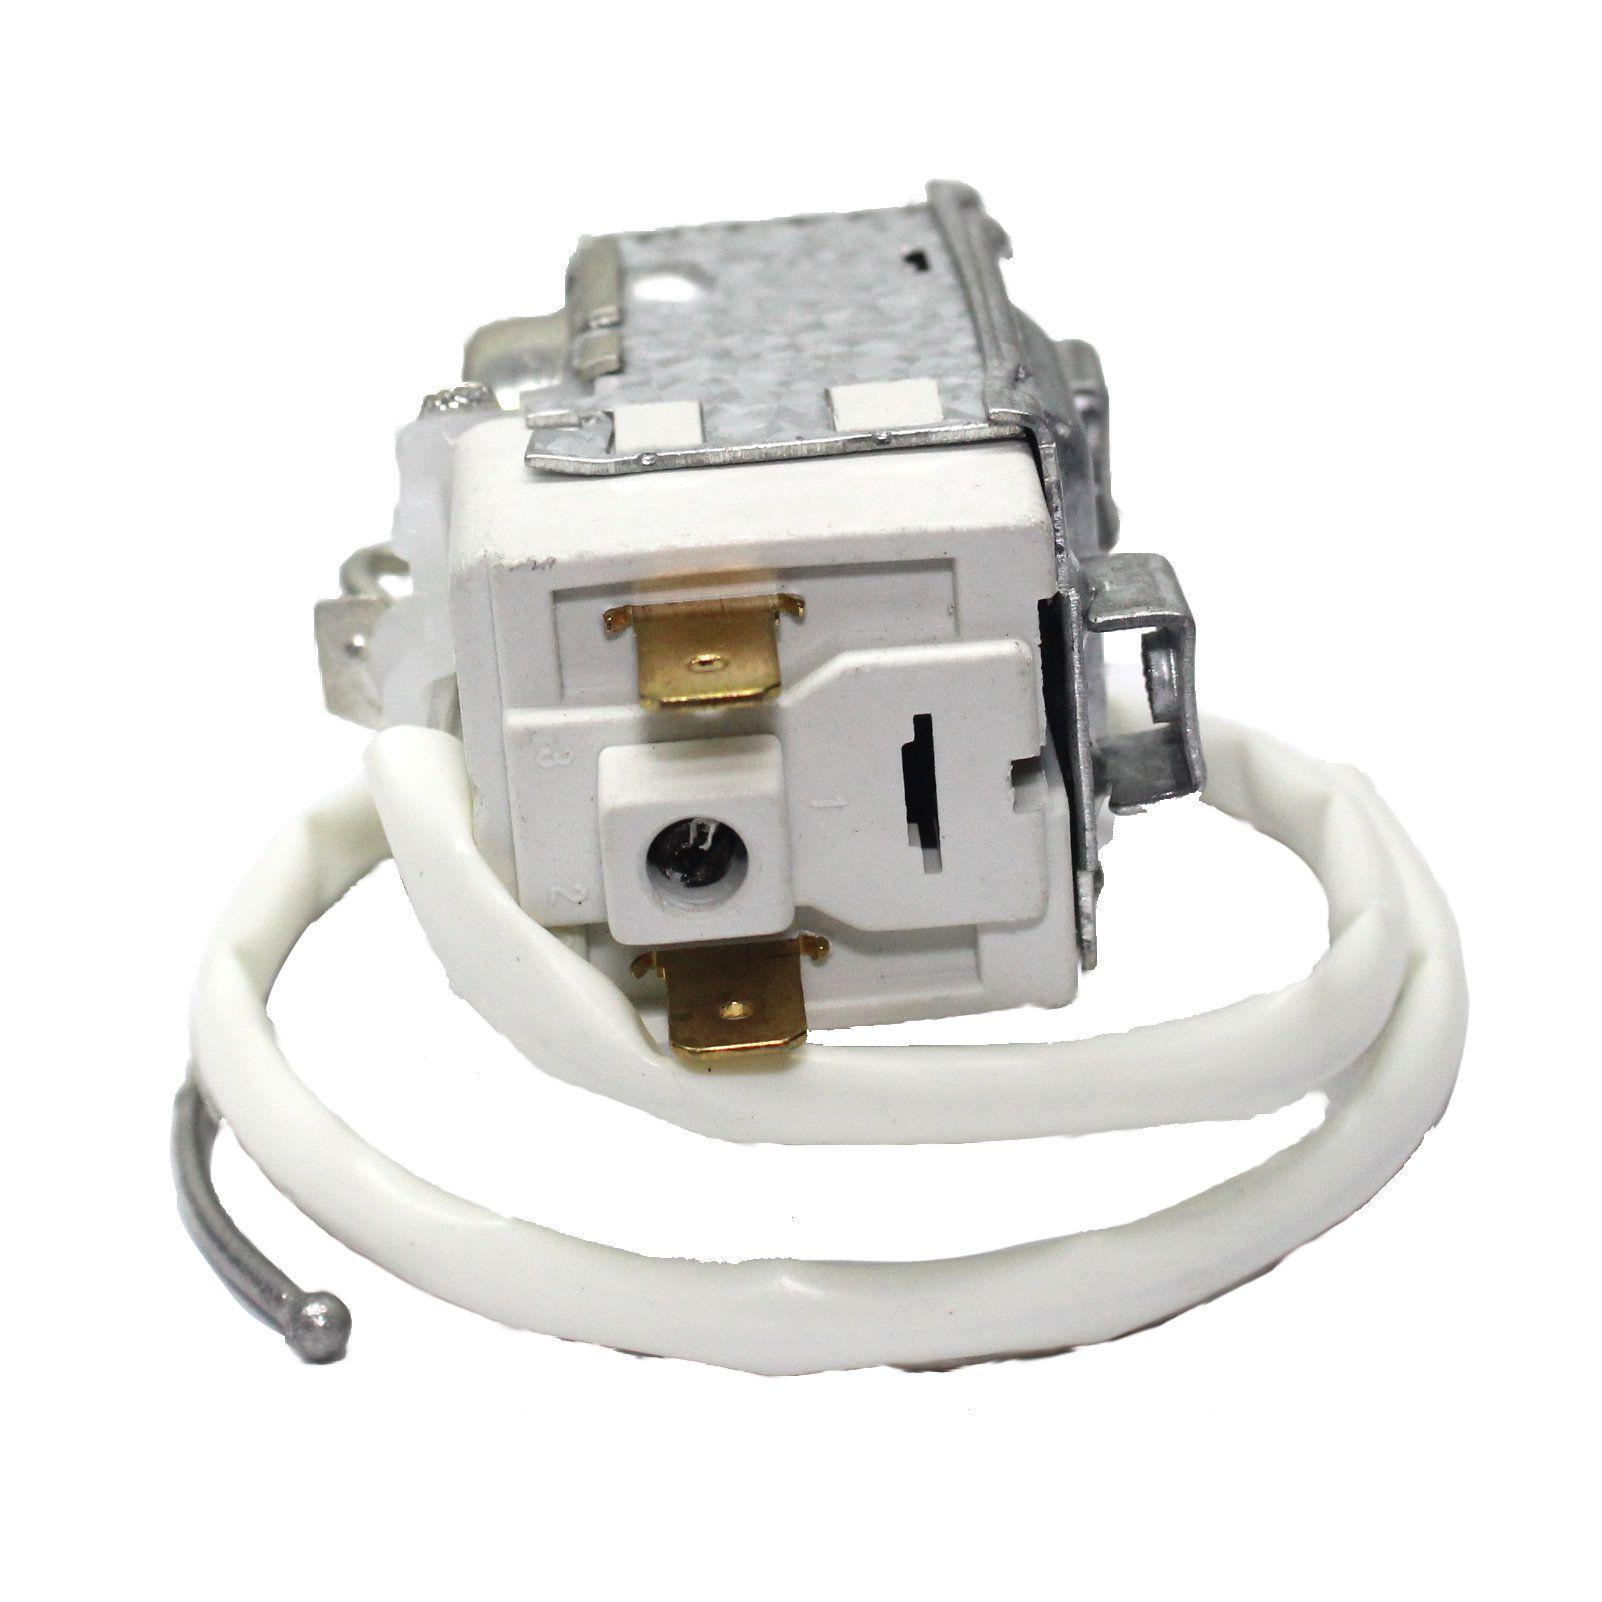 Sensor Termostato Caixa de Ar Universal, VW Santana, Quantum, Gol, Parati - Automatico